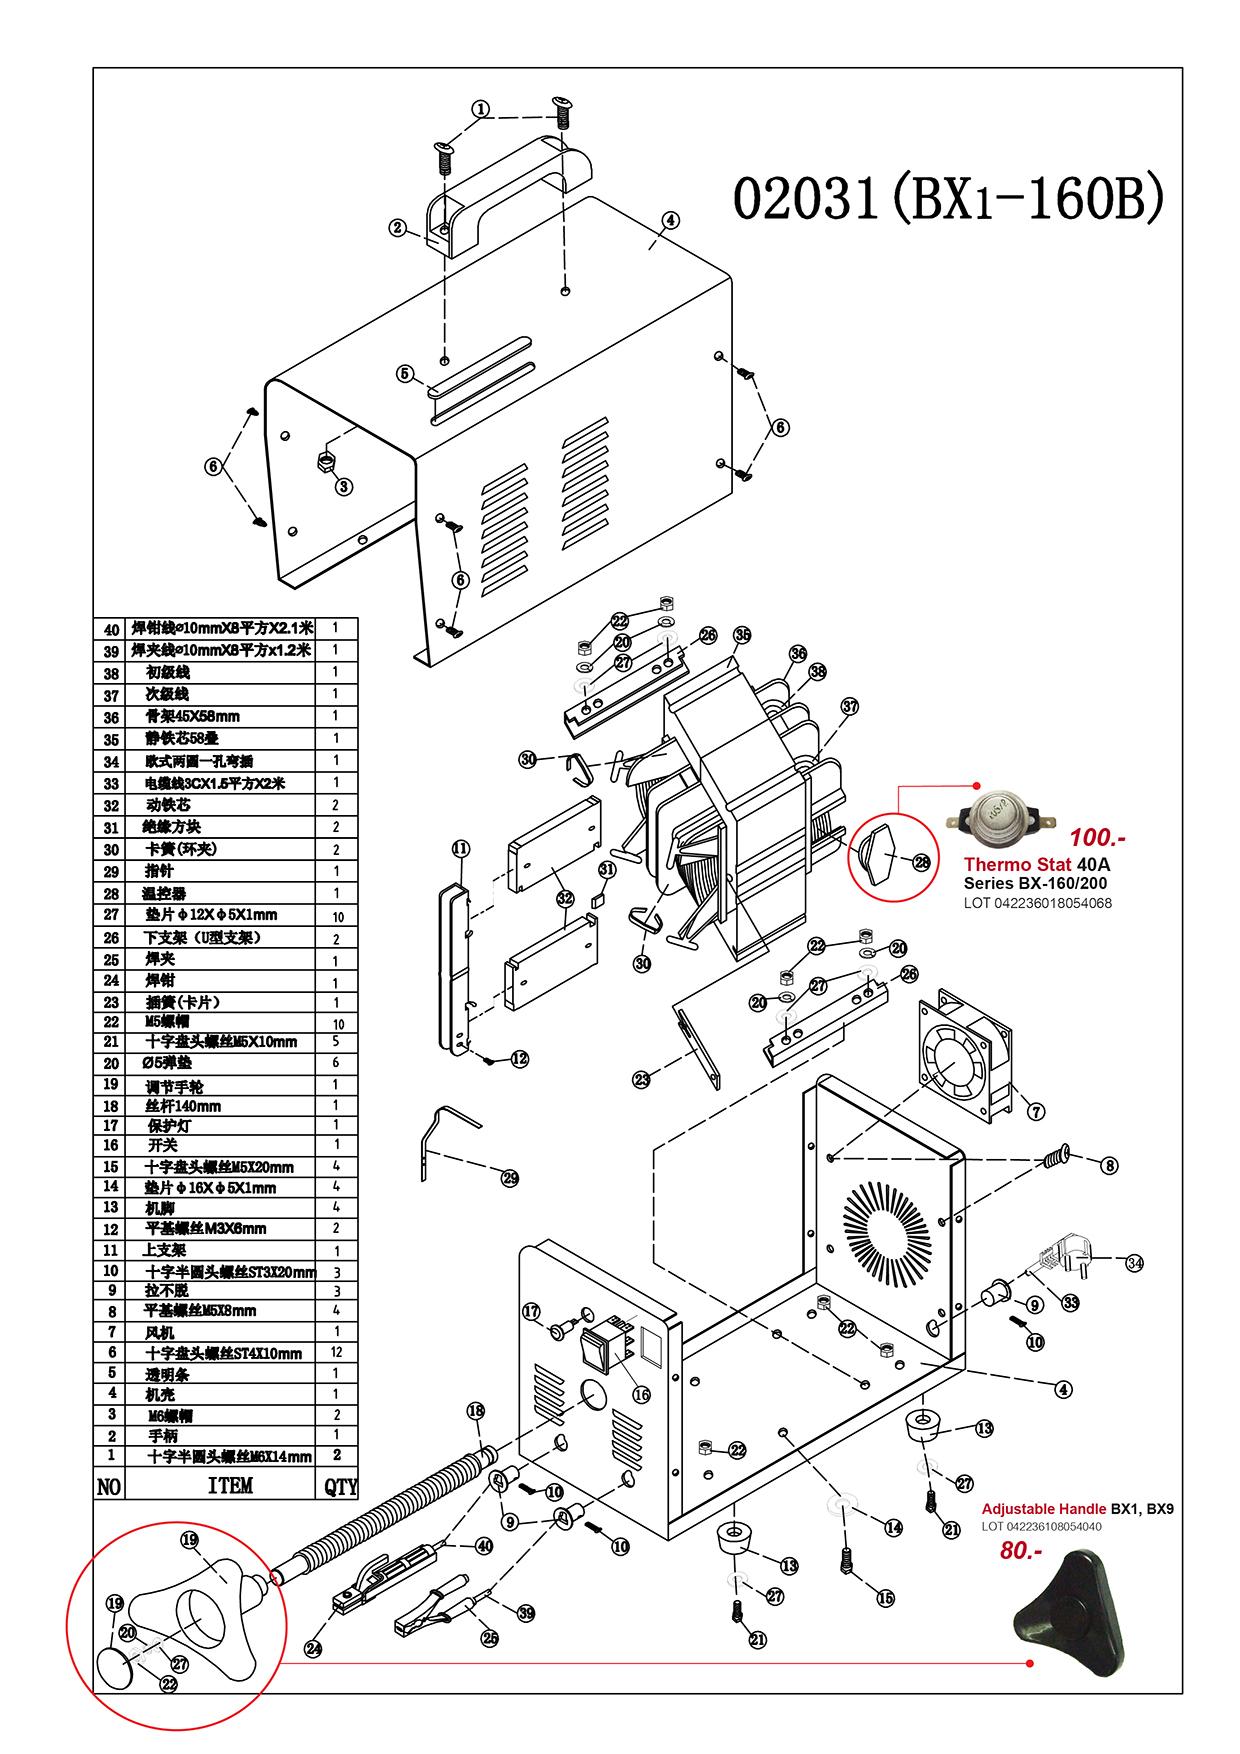 (8/19) เครื่องเชื่อมไฟฟ้า - Welding Machine BX6 Series